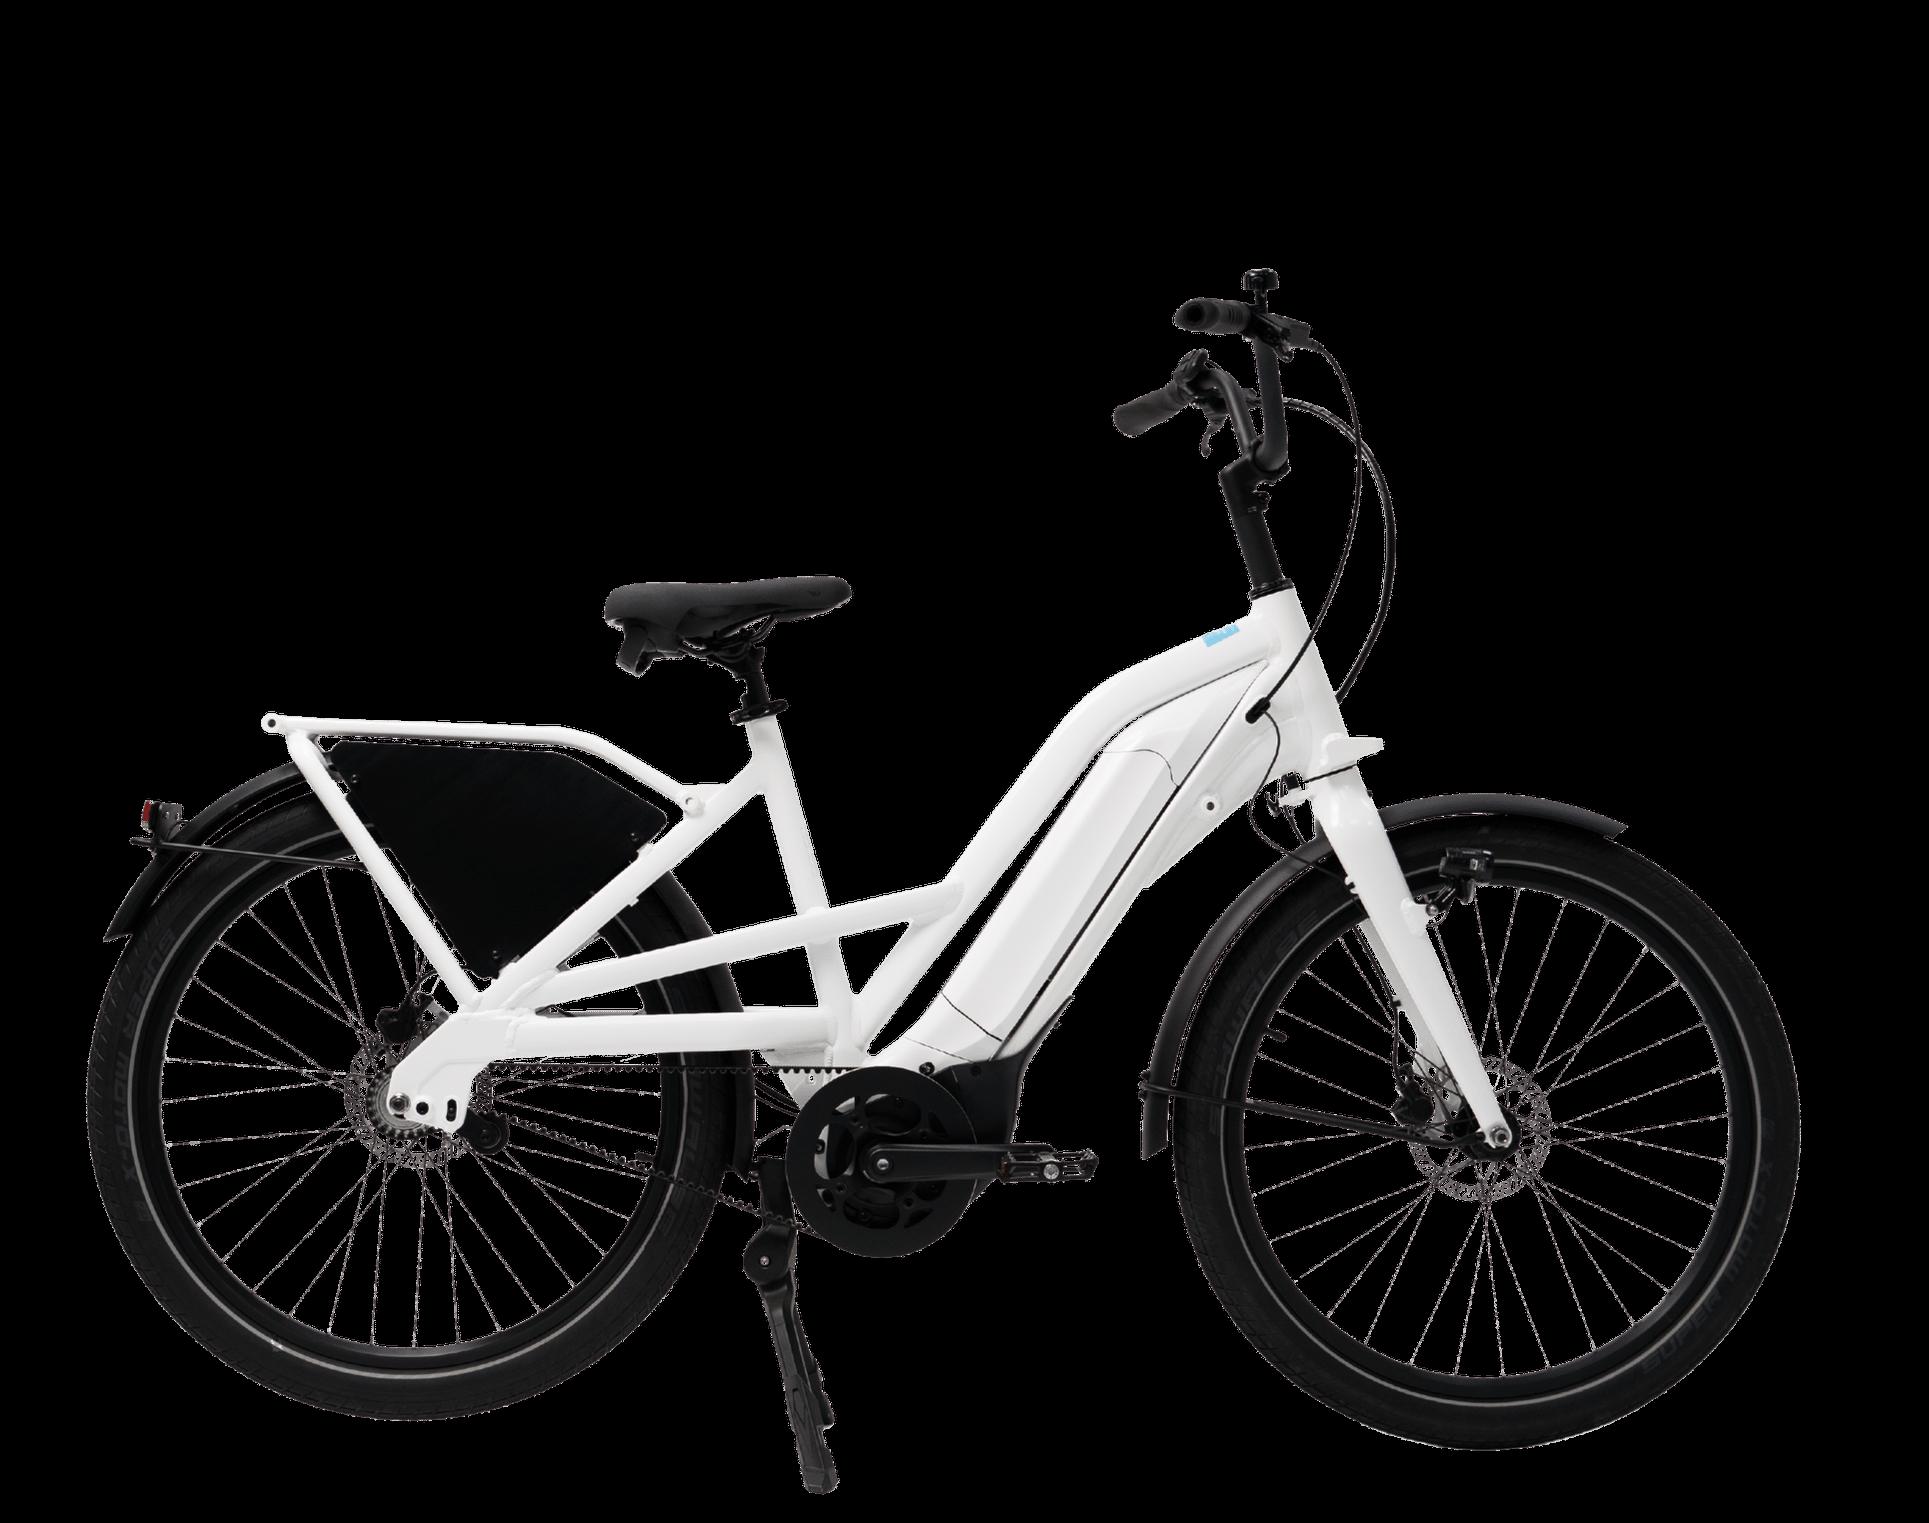 Giant elektrische fiets, ConnectBike, wit